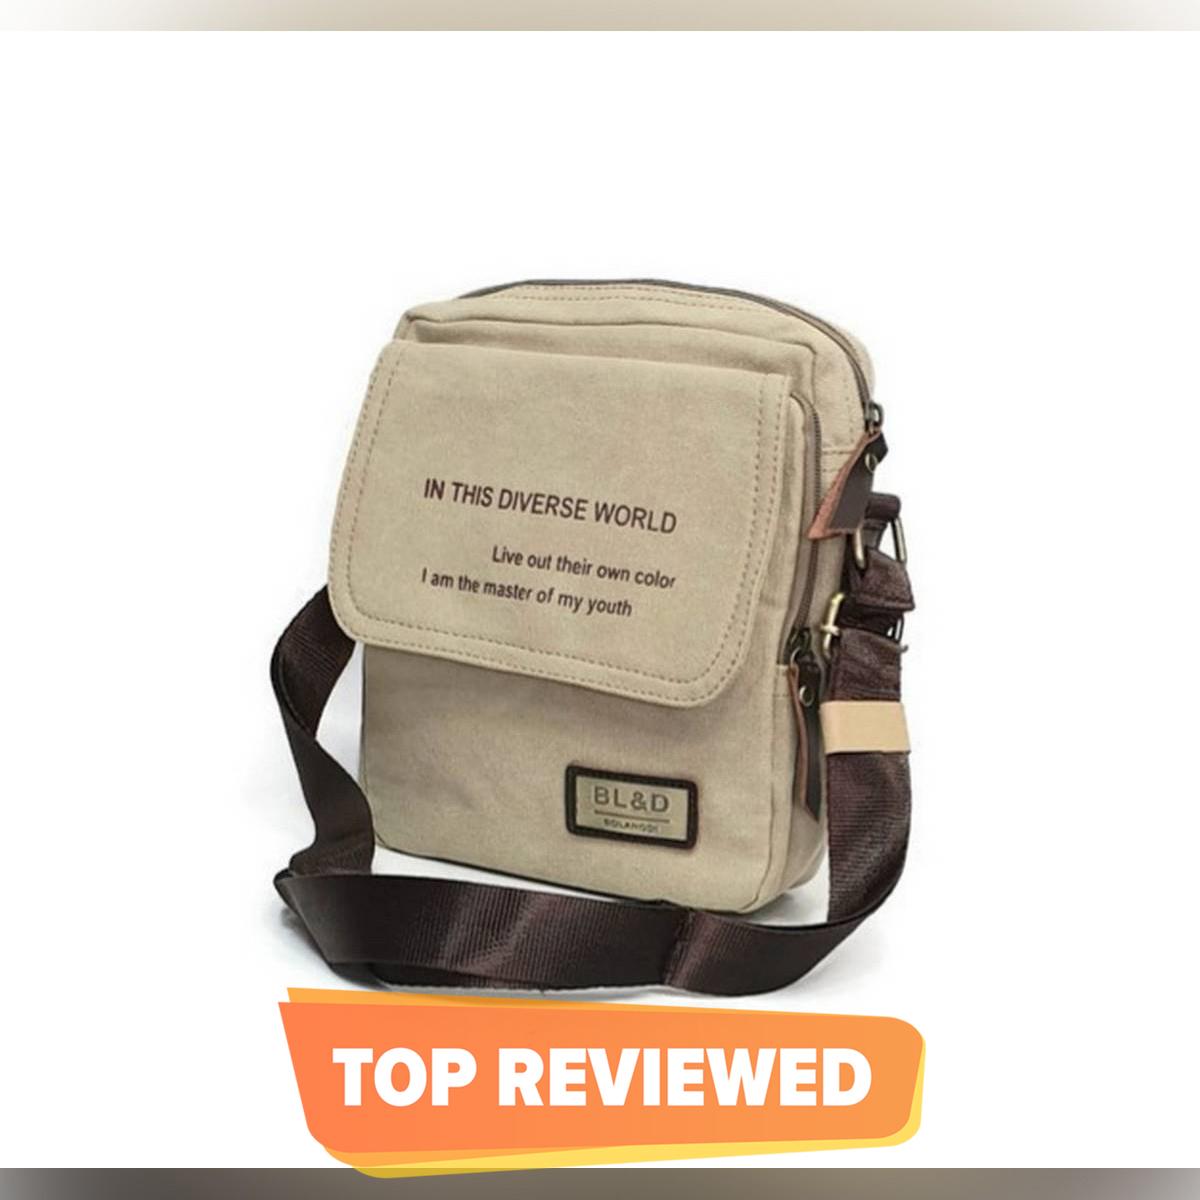 Mexican man canvas bag shoulder bag s casual canvas bag men Small Bag Satchel cross package